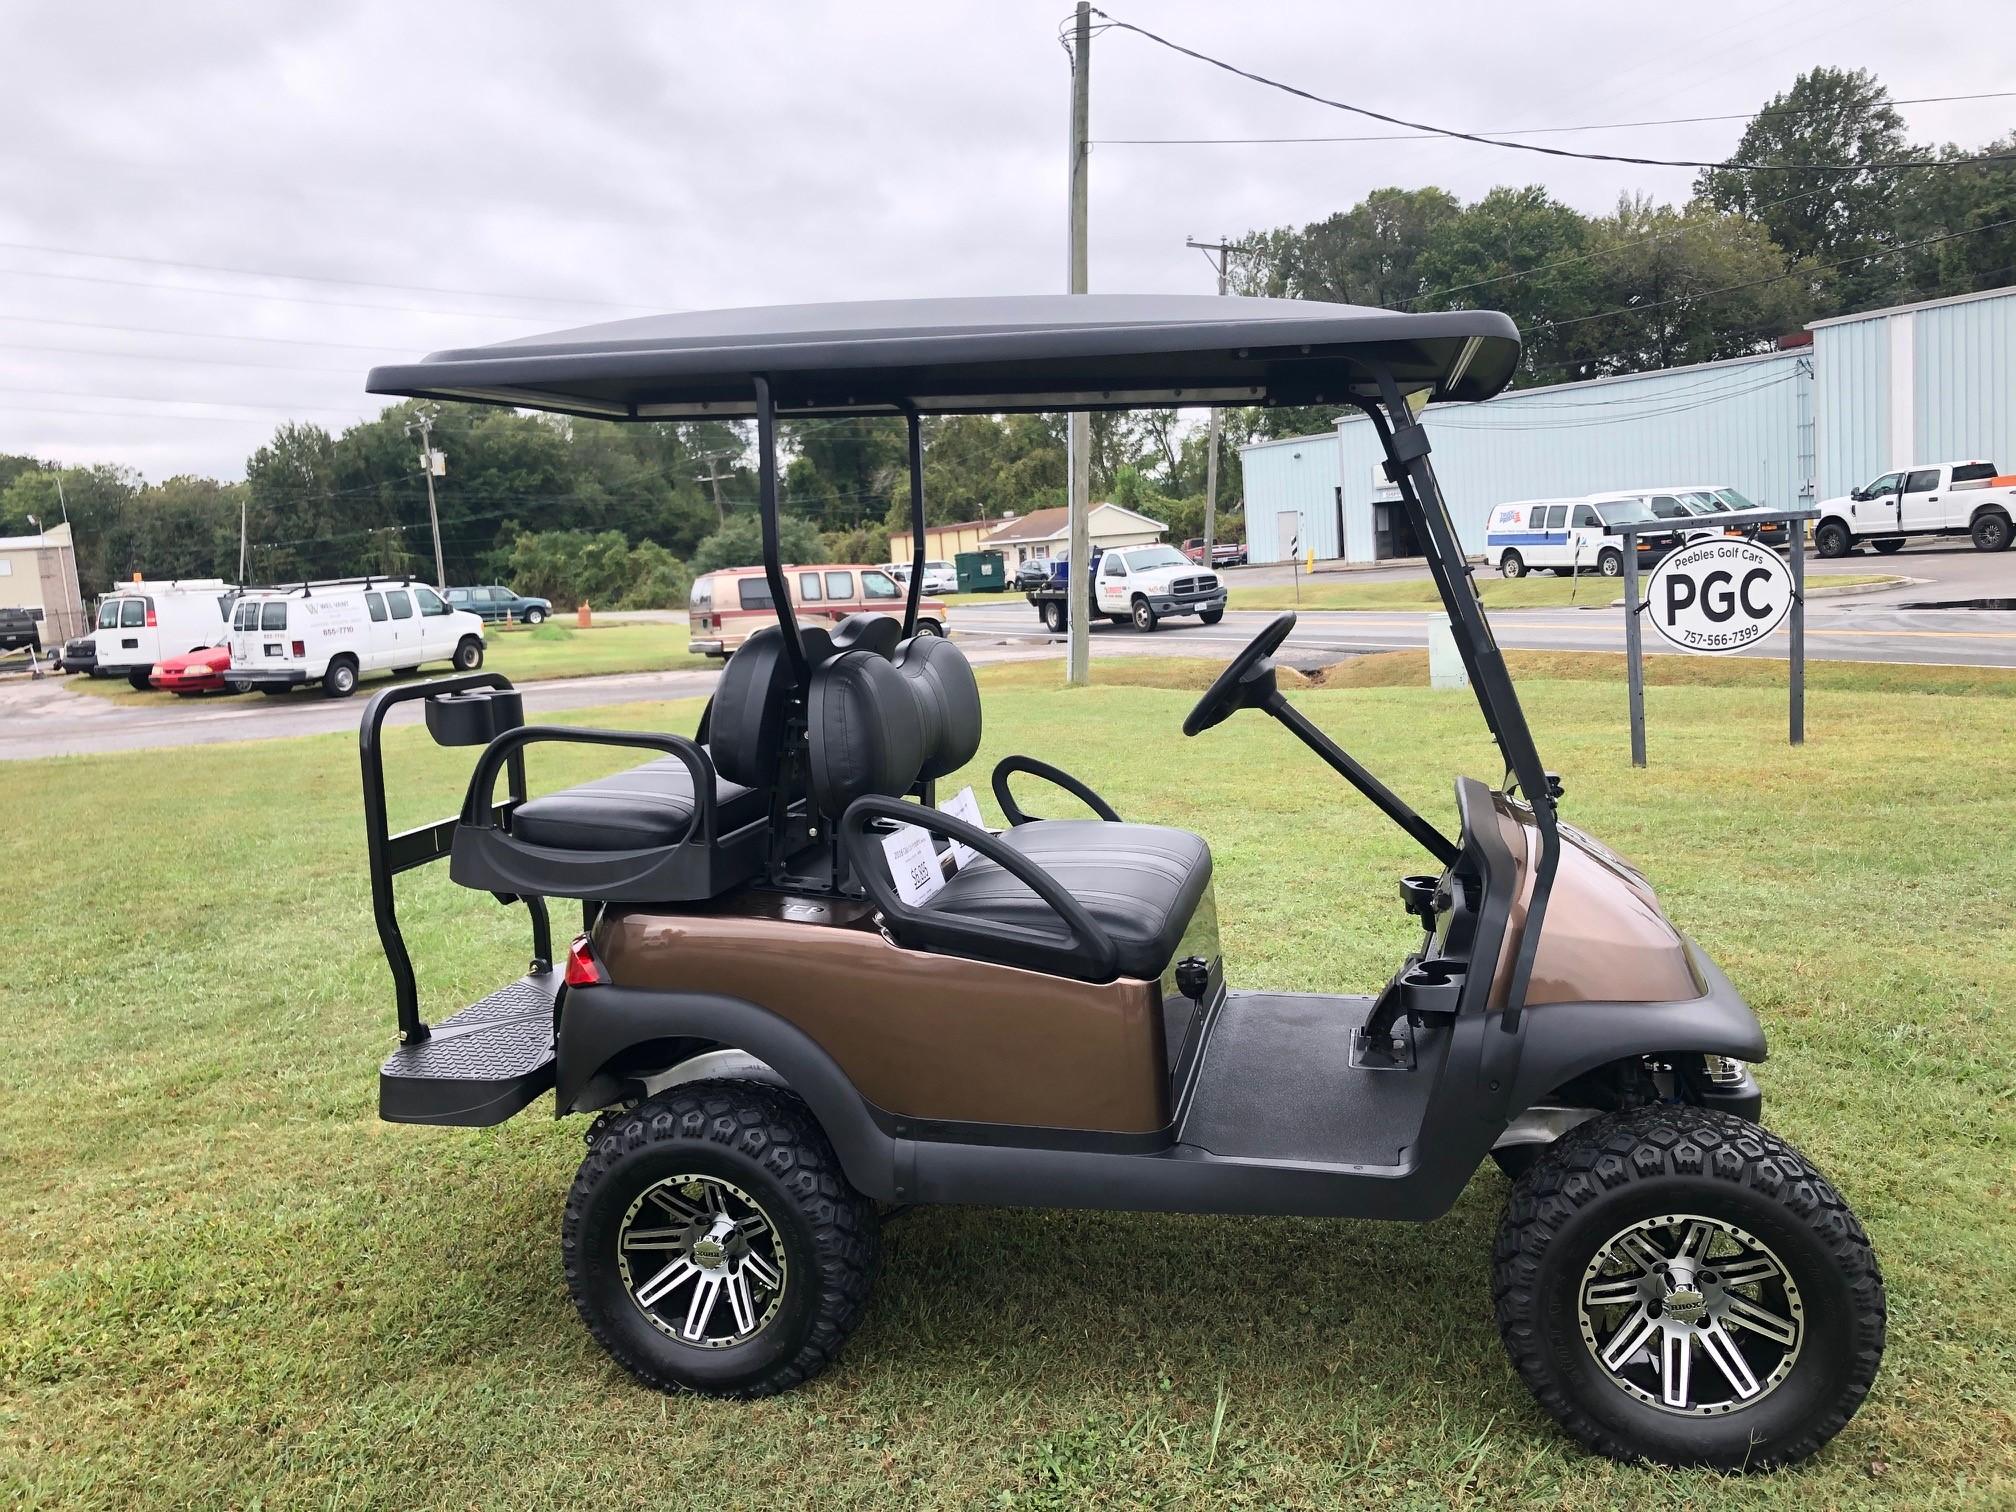 2016 Club Car Precedent Lifted Electric Golf Car Mocha